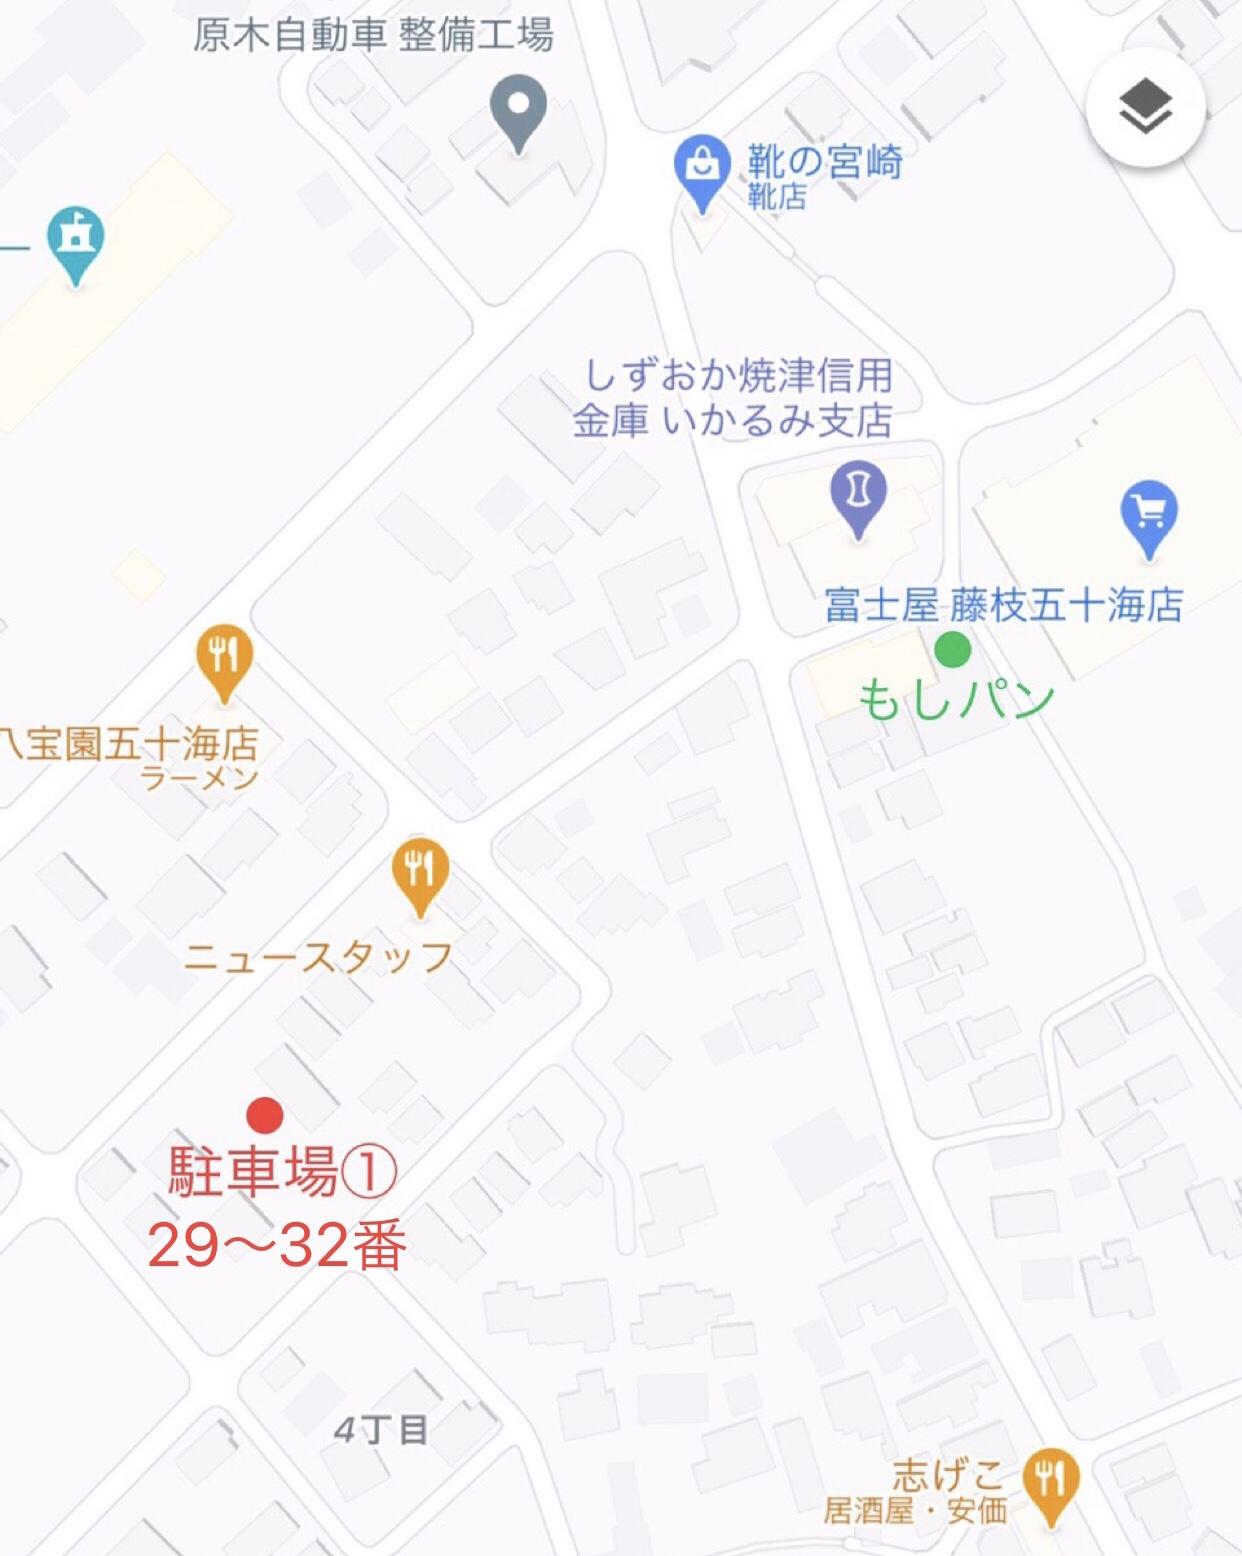 パン 藤枝 屋 市